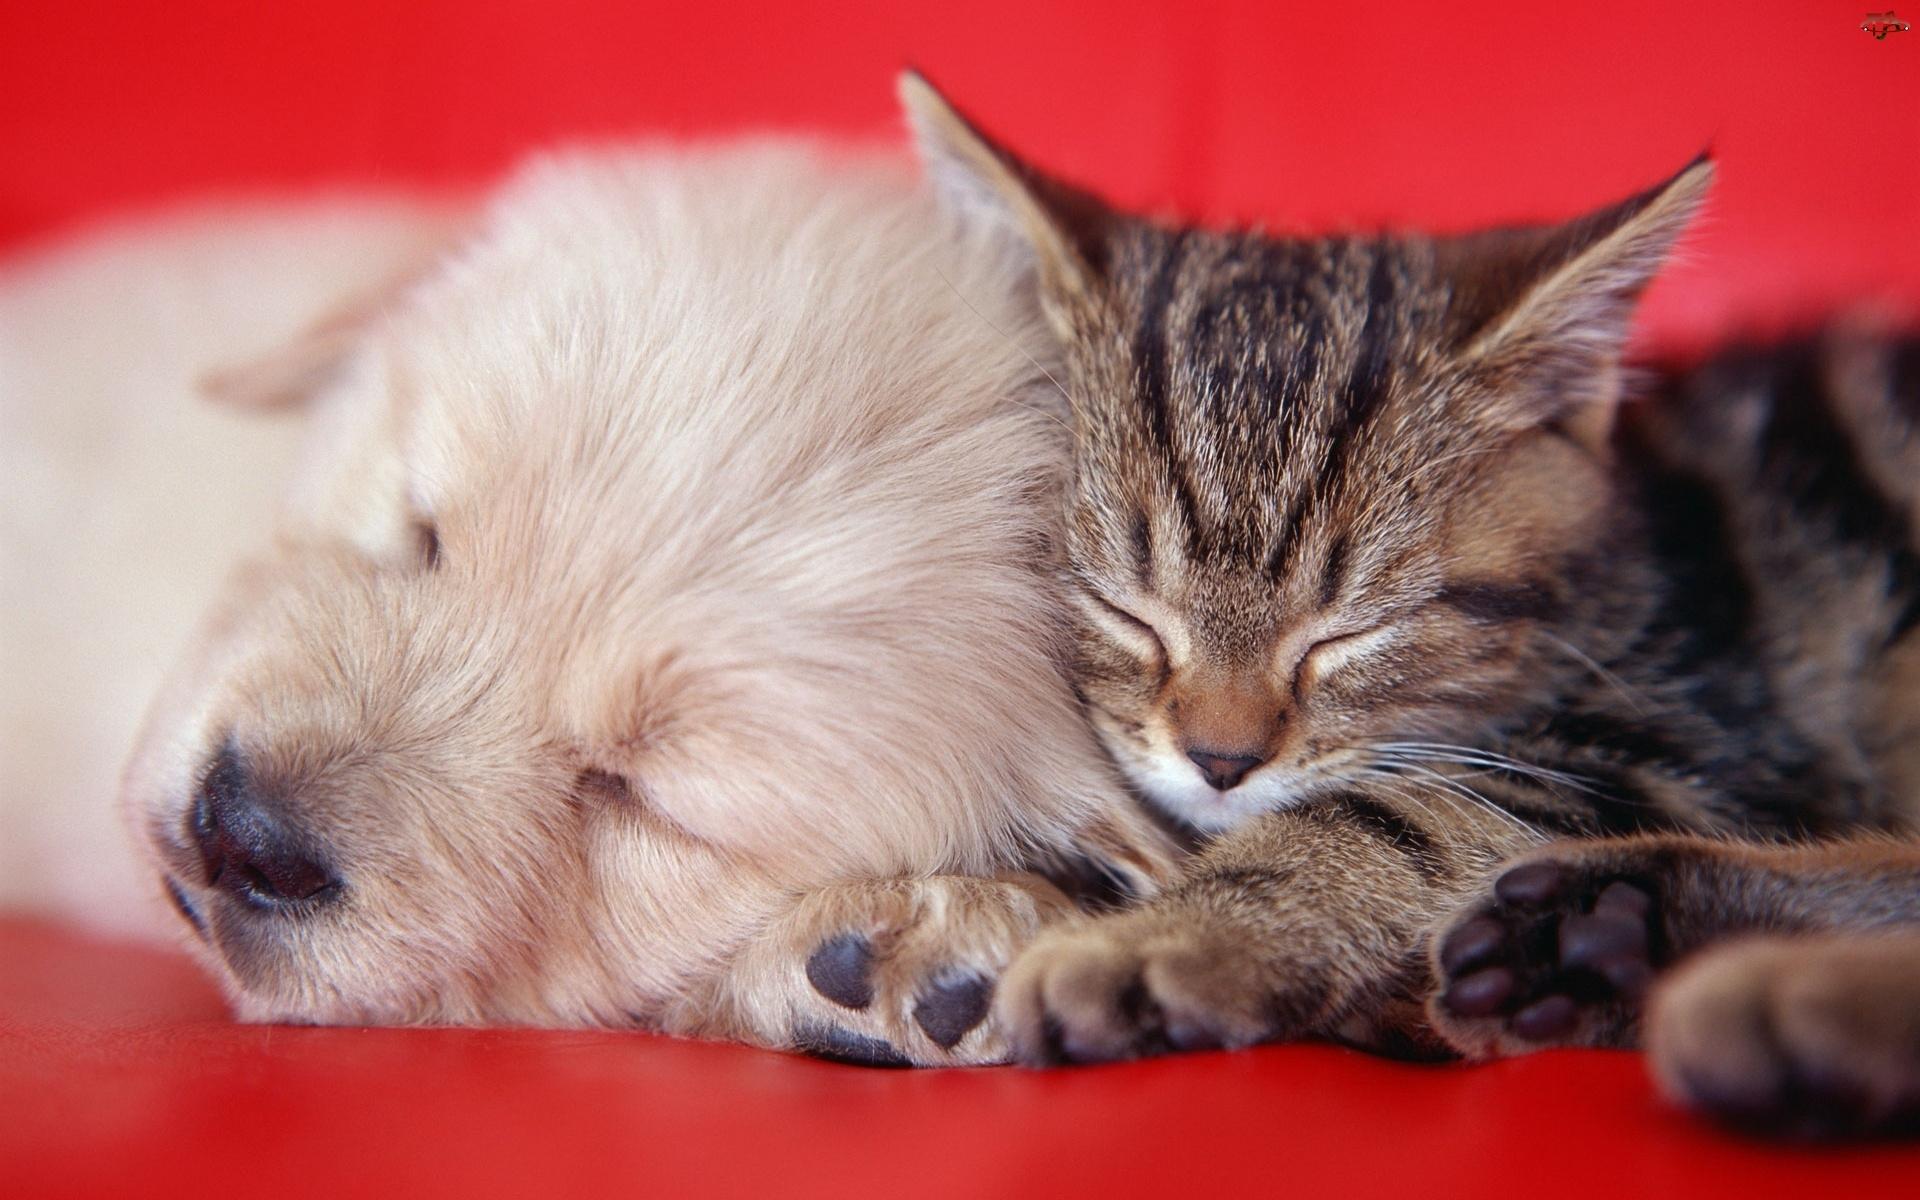 Kot, Golden Retriever, Mały, Szczeniaczek